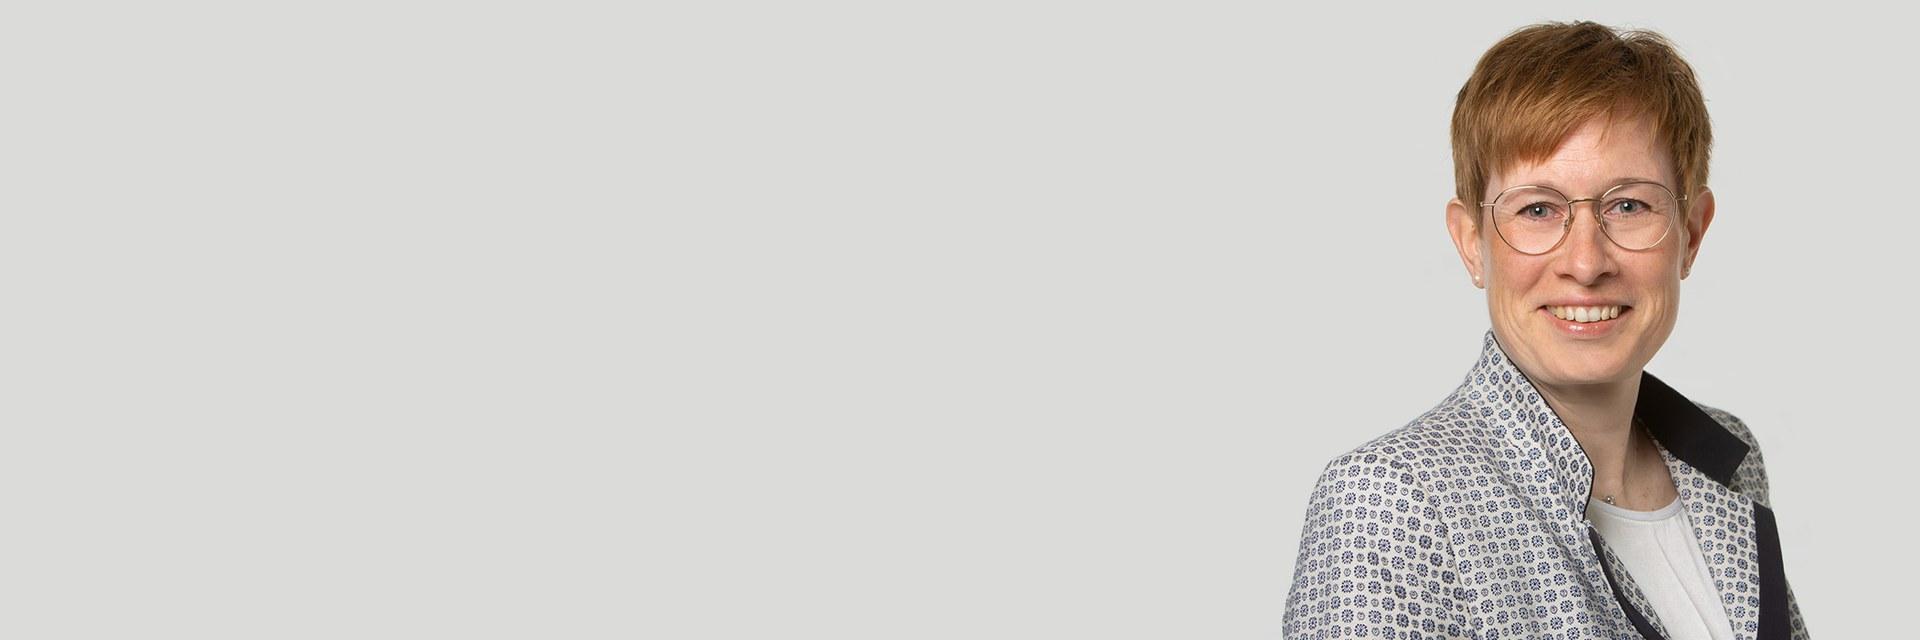 Tina Brügger